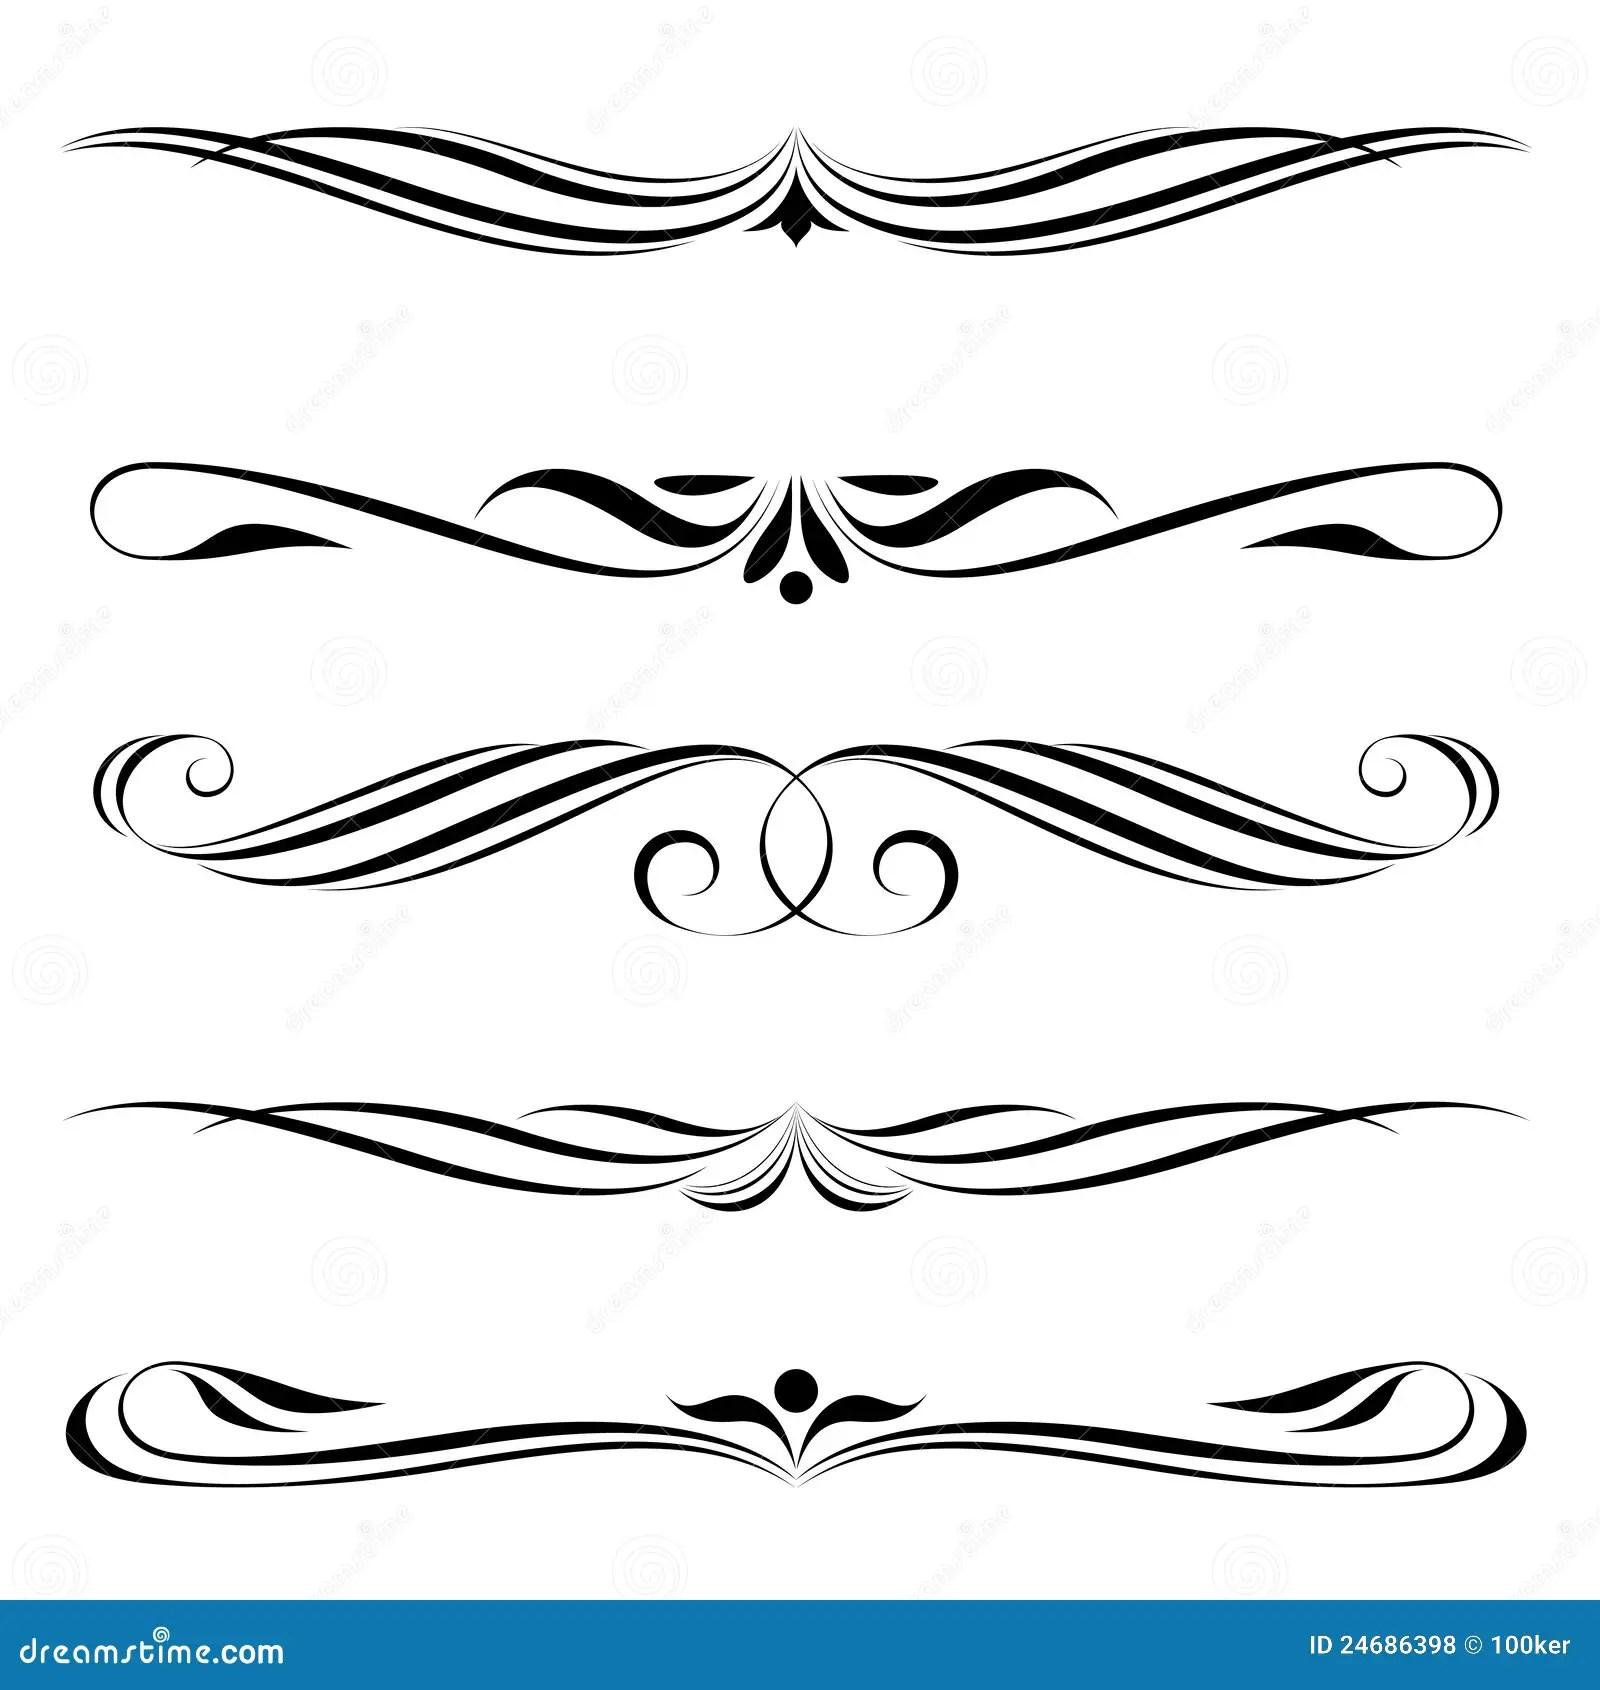 Decorative Art Clip Elements